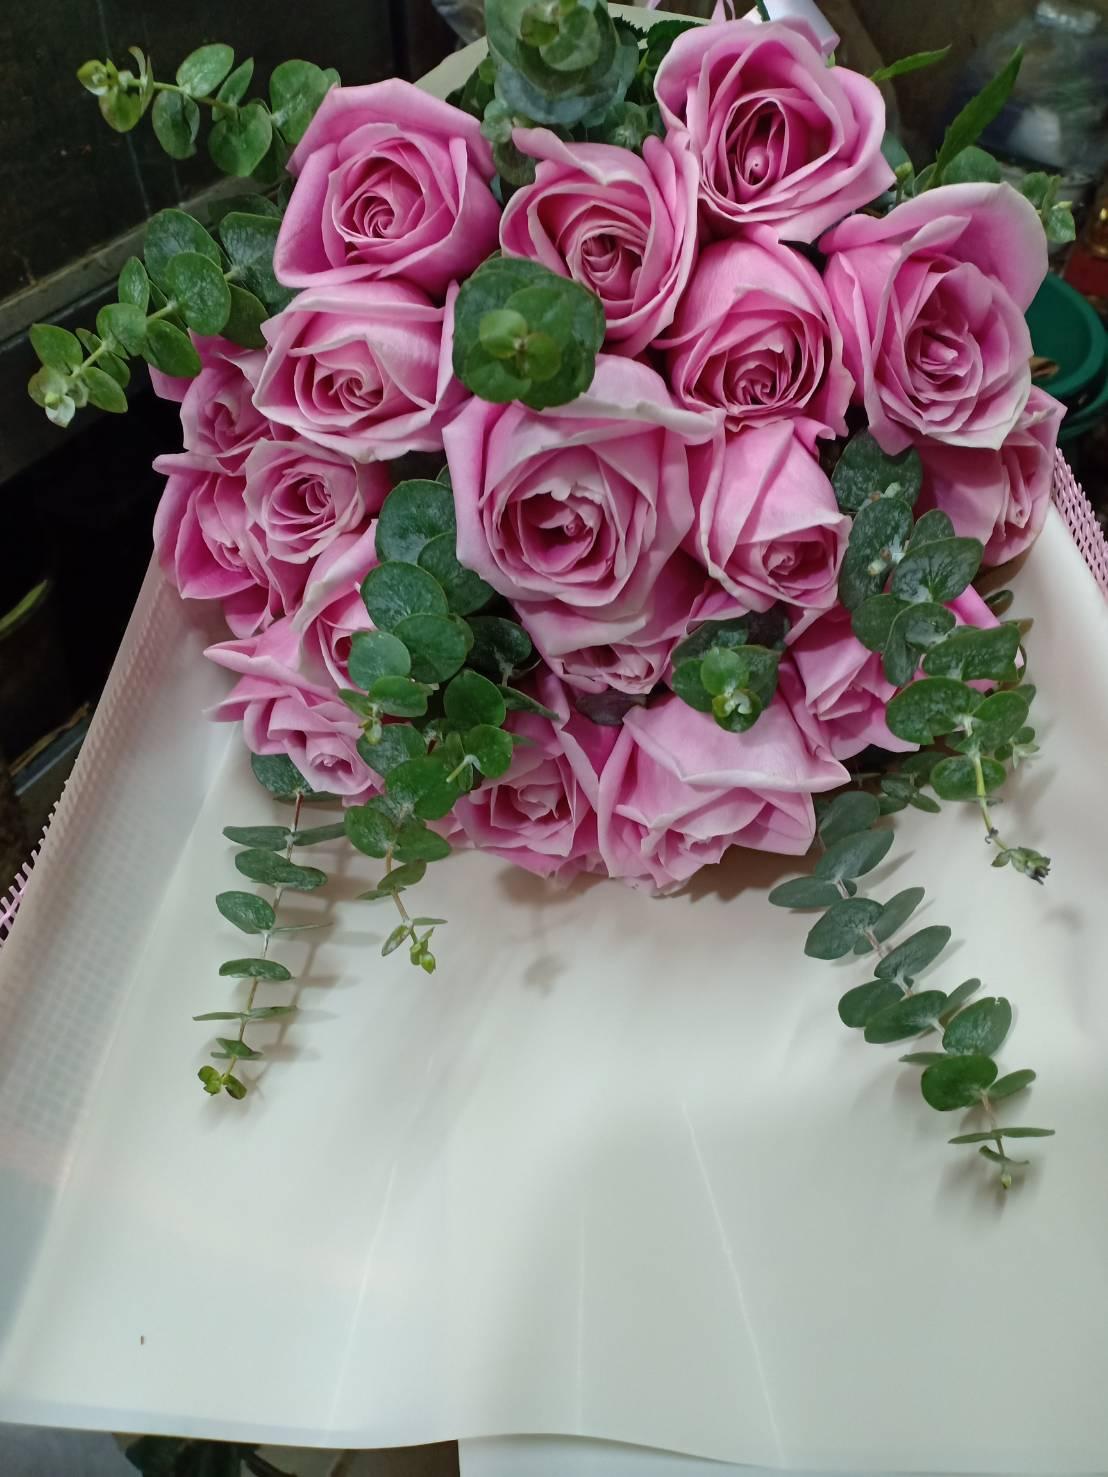 ช่อดอกกุหลาบสีชมพูทรงคลาสสิก 20 ดอก เพิ่มดีกรีความหวานให้กับความรัก